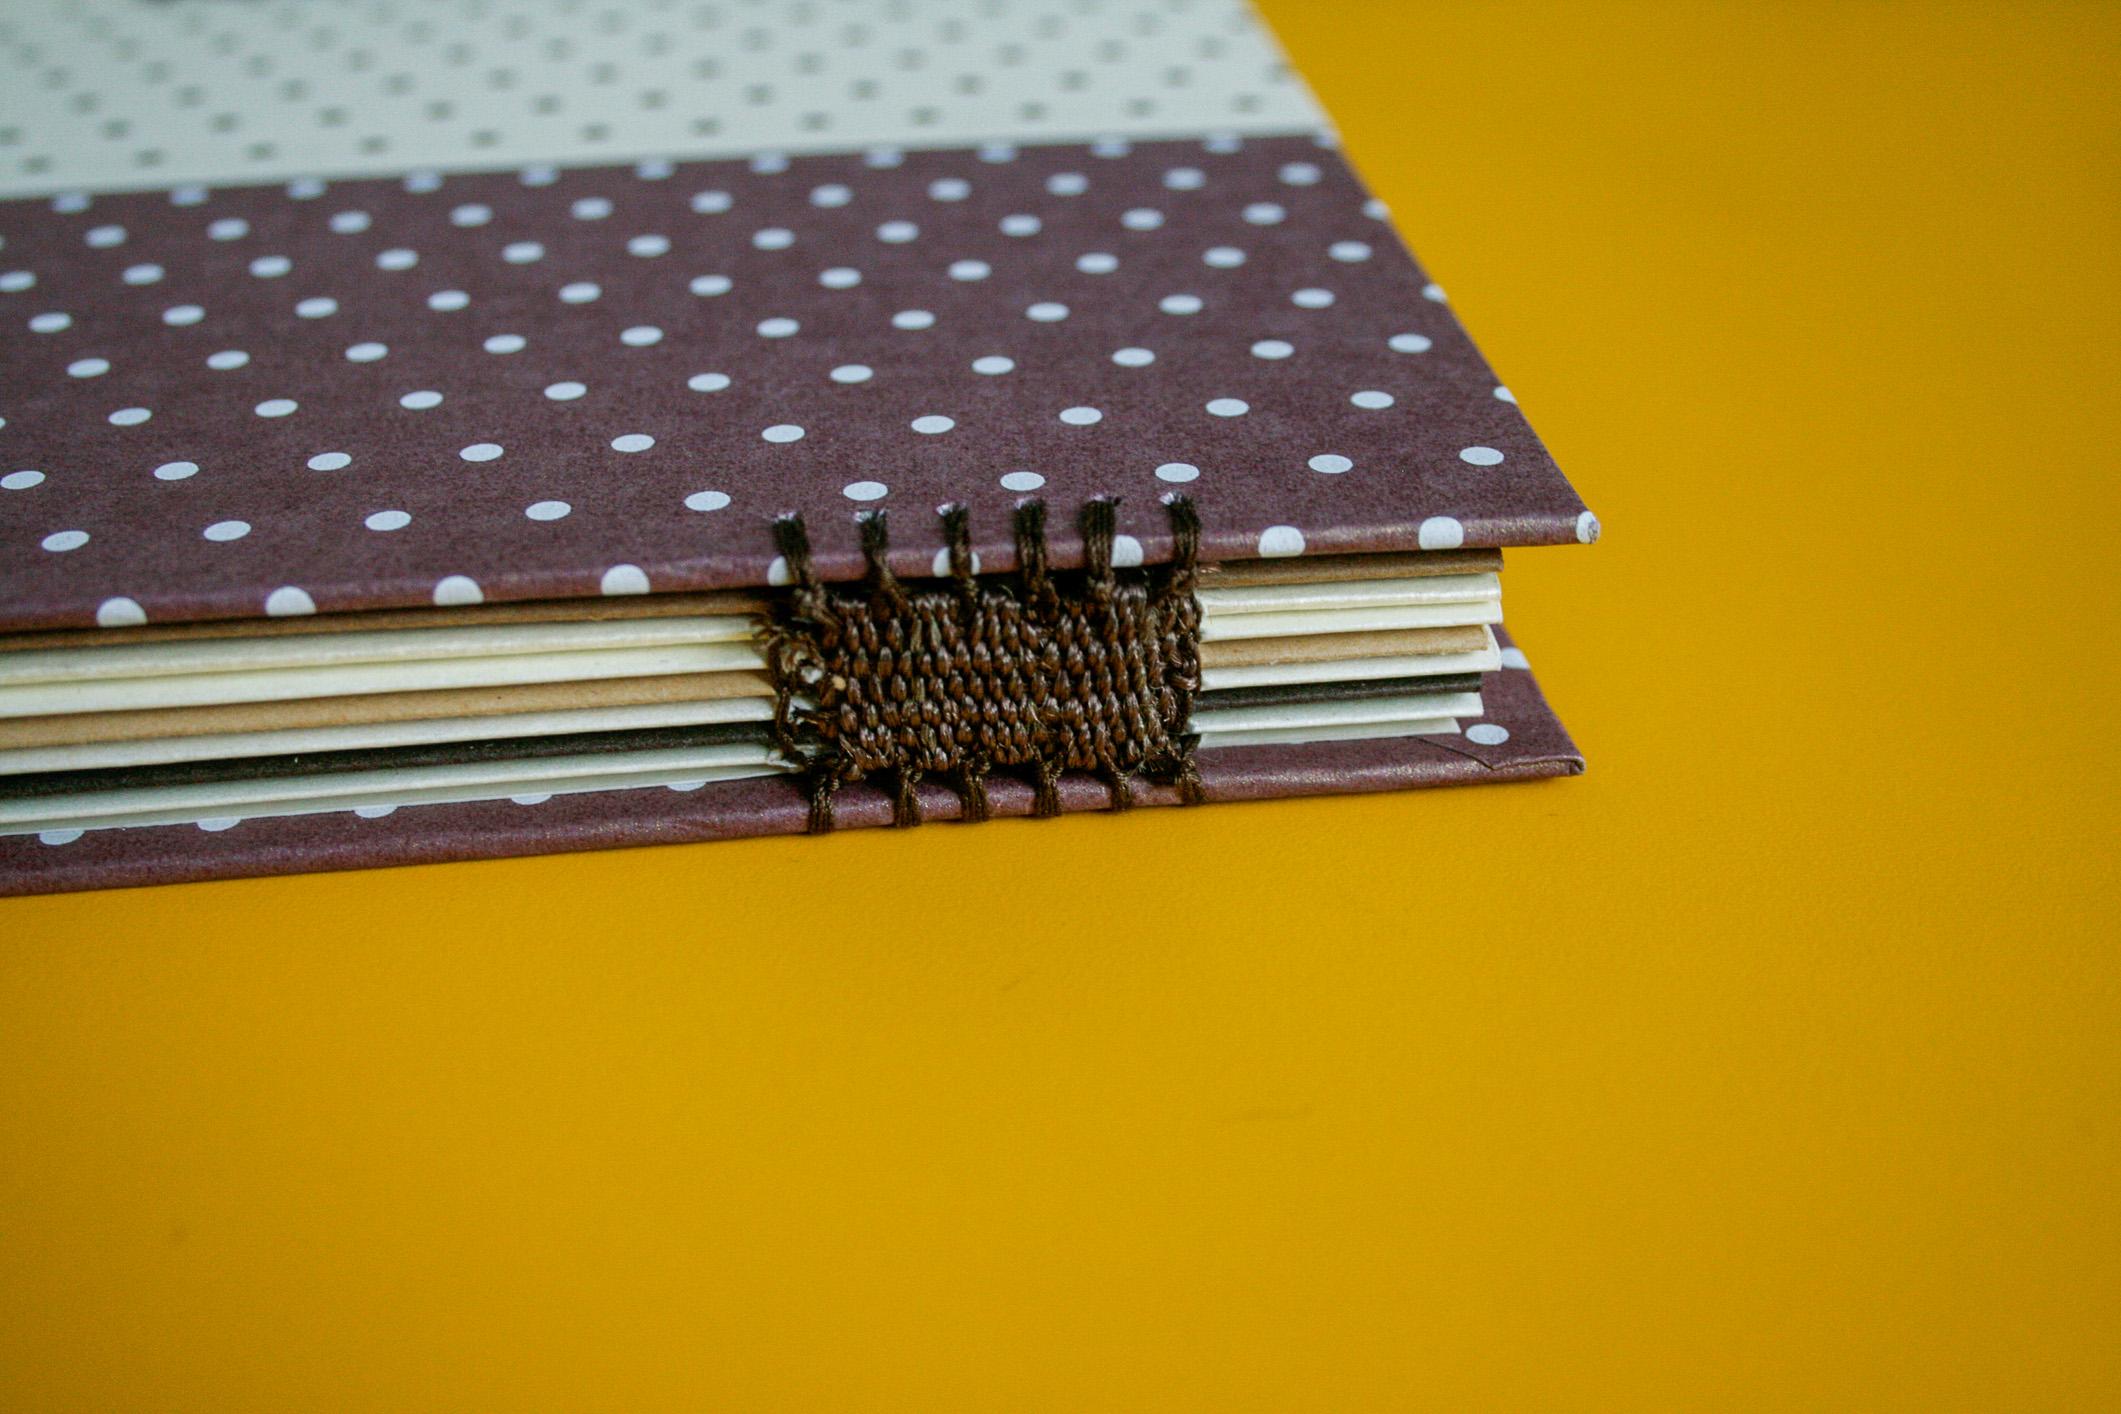 Detalhe da costura do álbum feito à mão: presente perfeito para o dia das mães